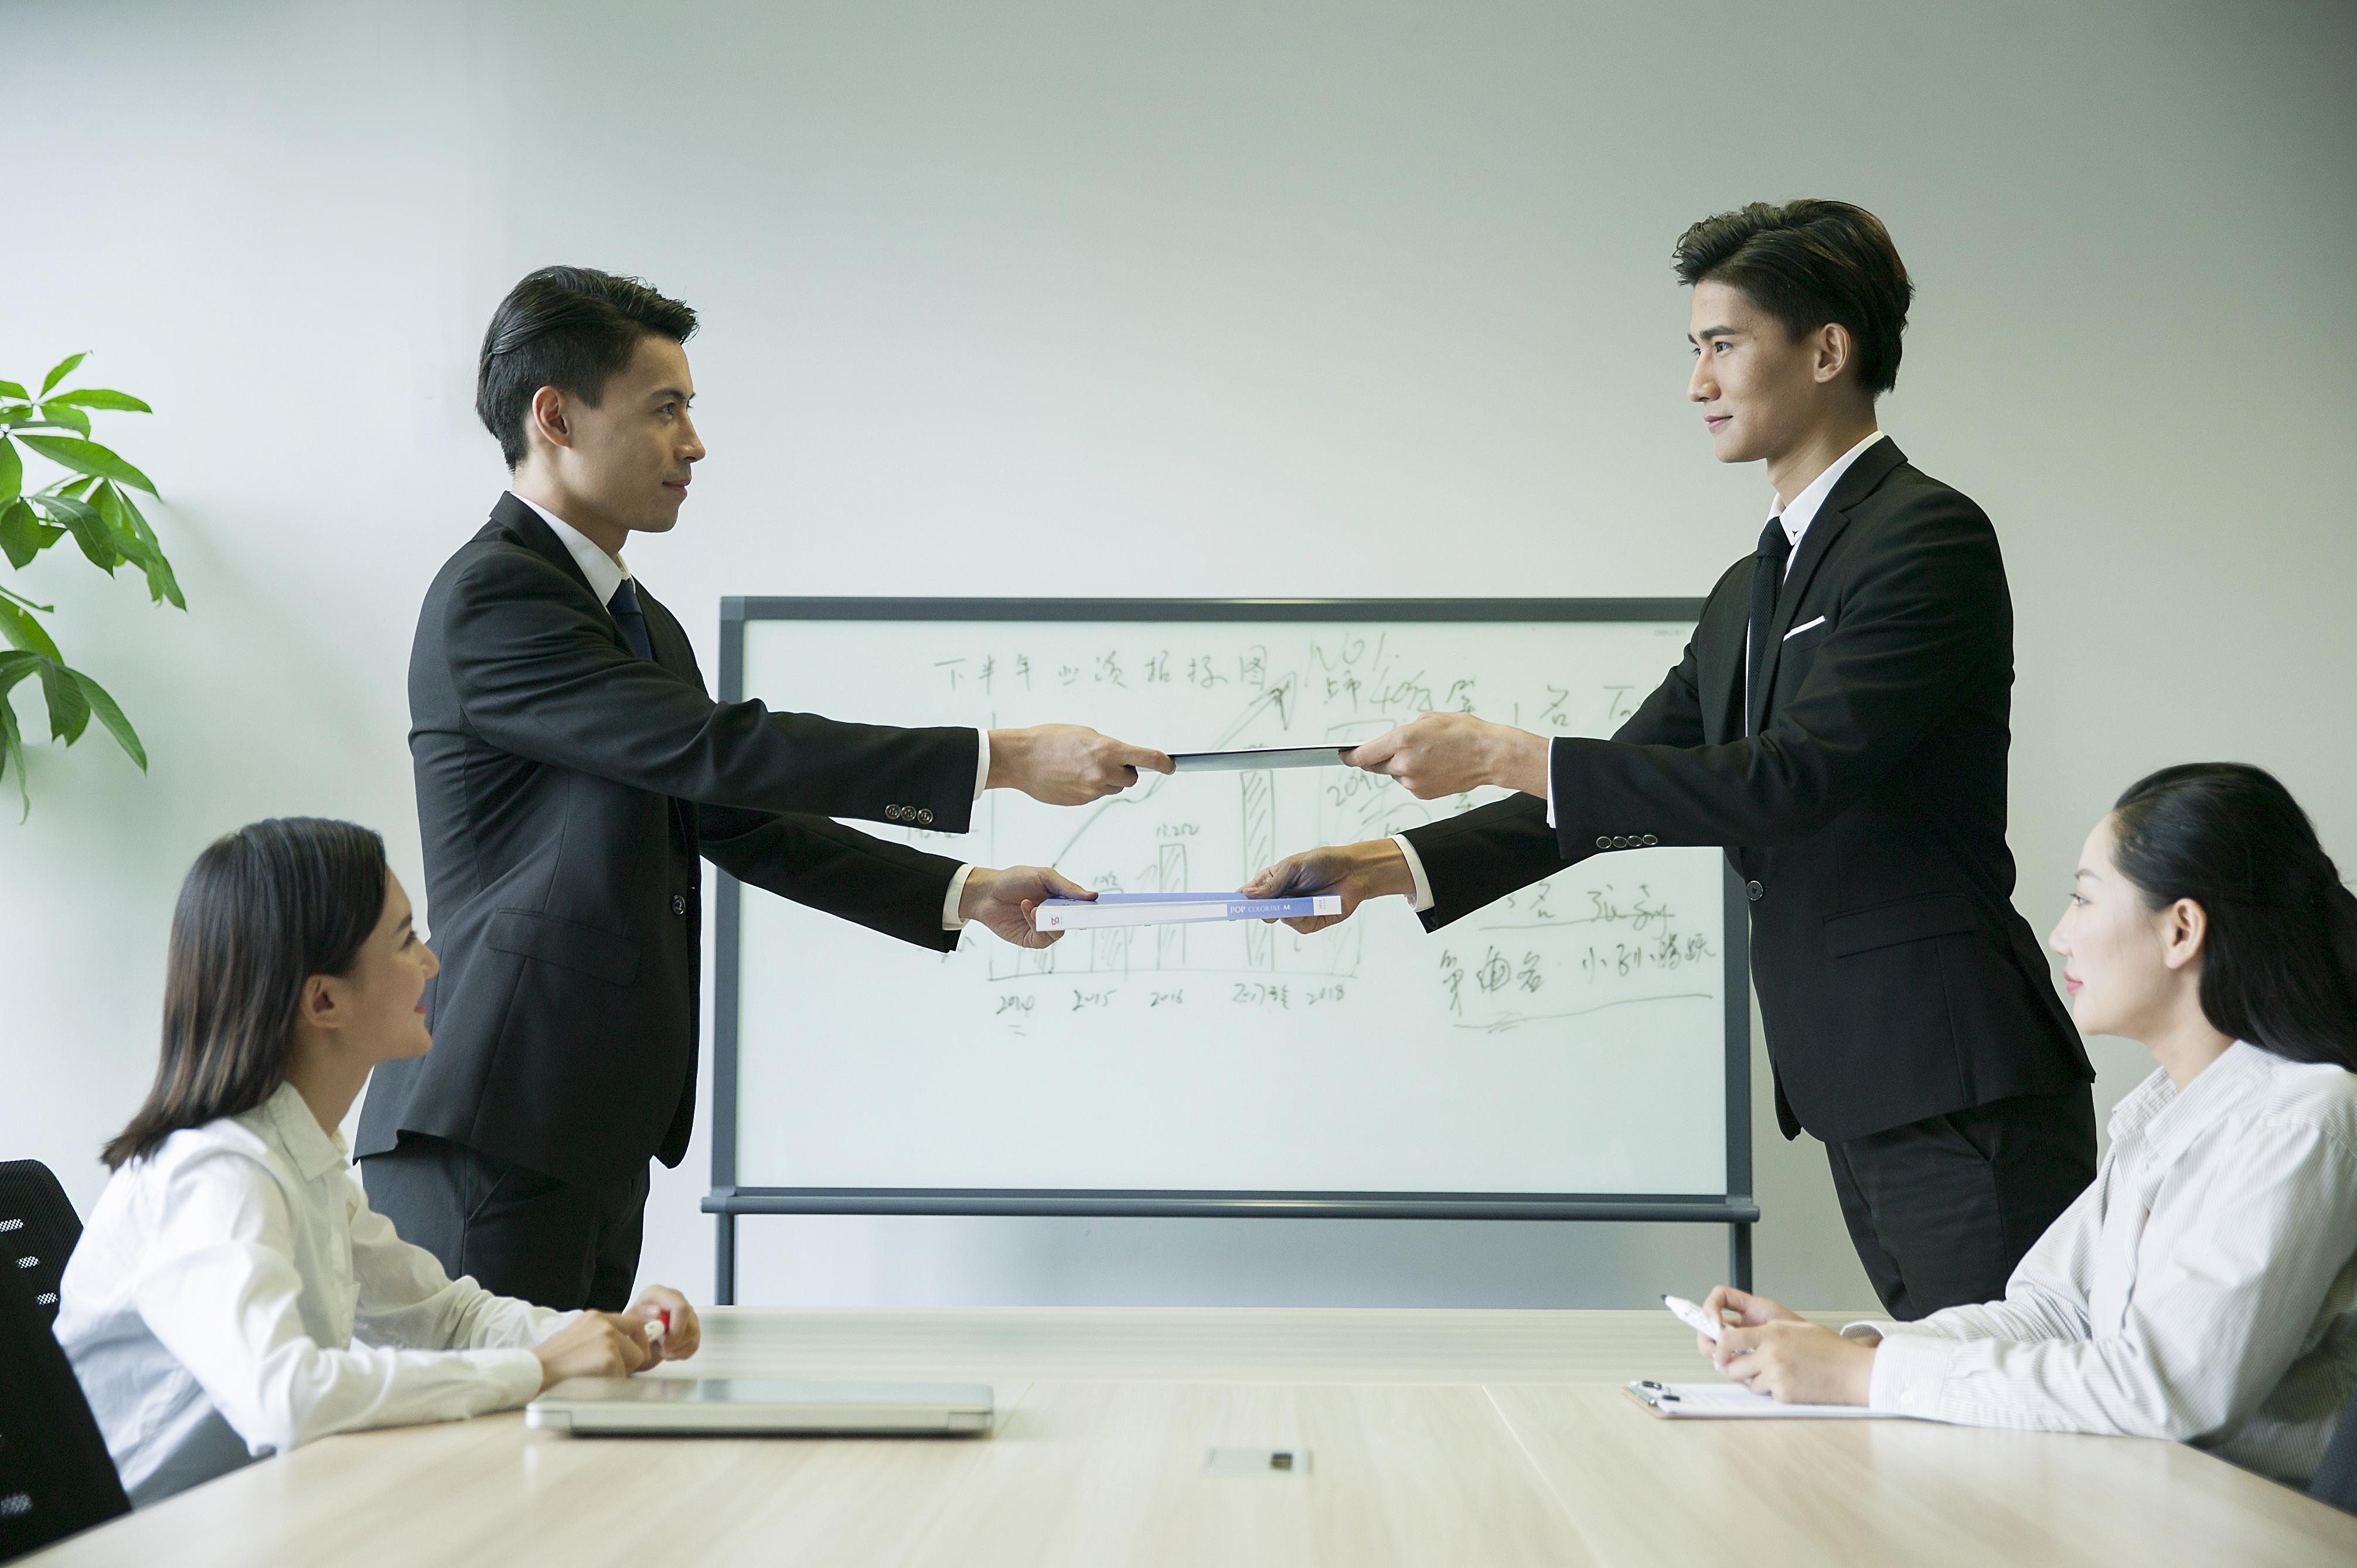 有限公司股东人数为两人时董事会如何设置